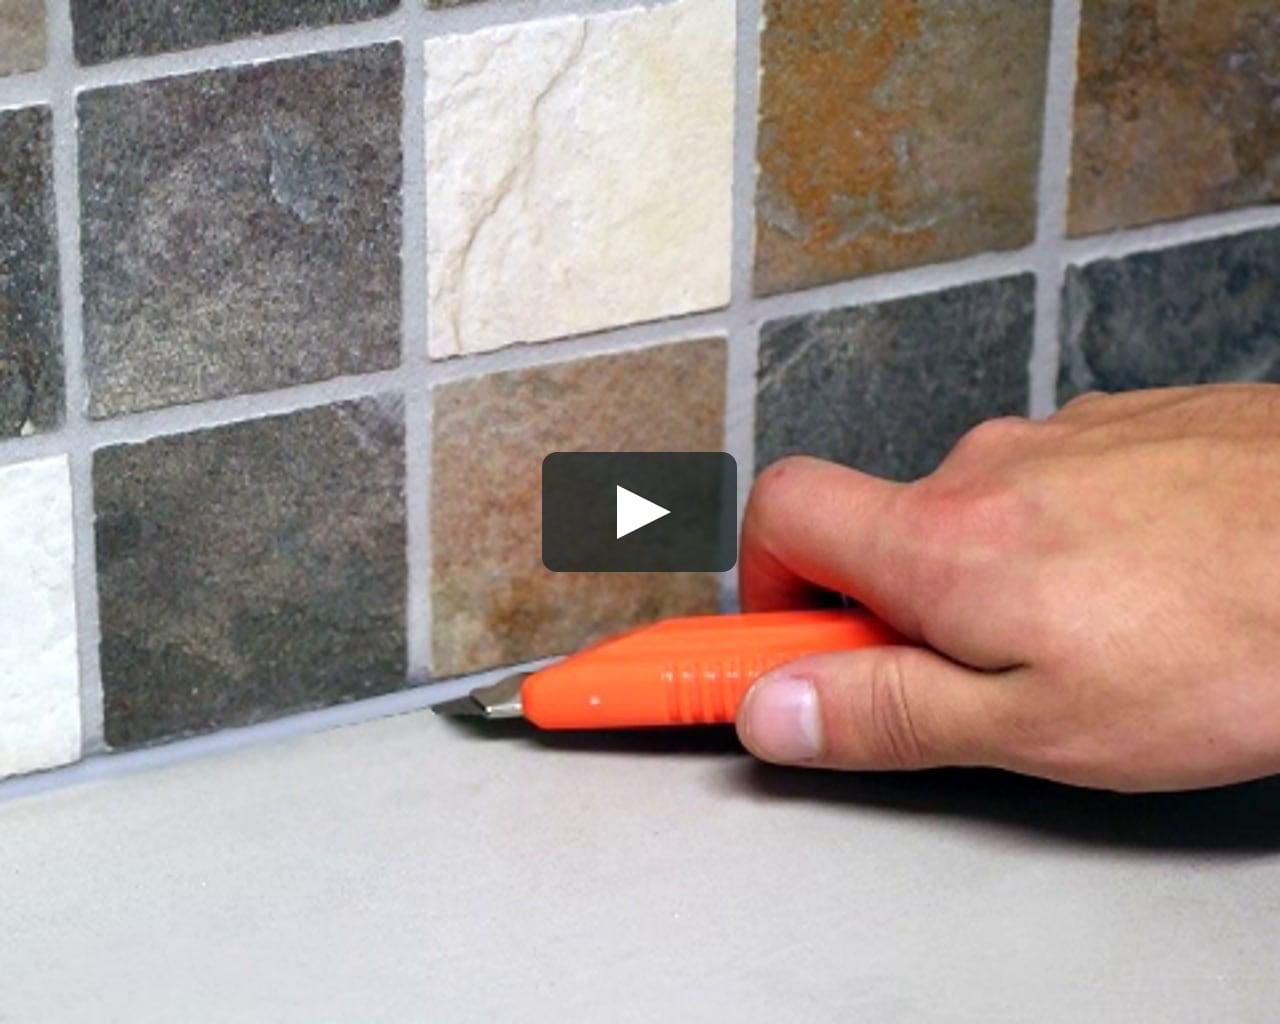 Как удалить силиконовый герметик с ванной: убрать, отмыть, снять